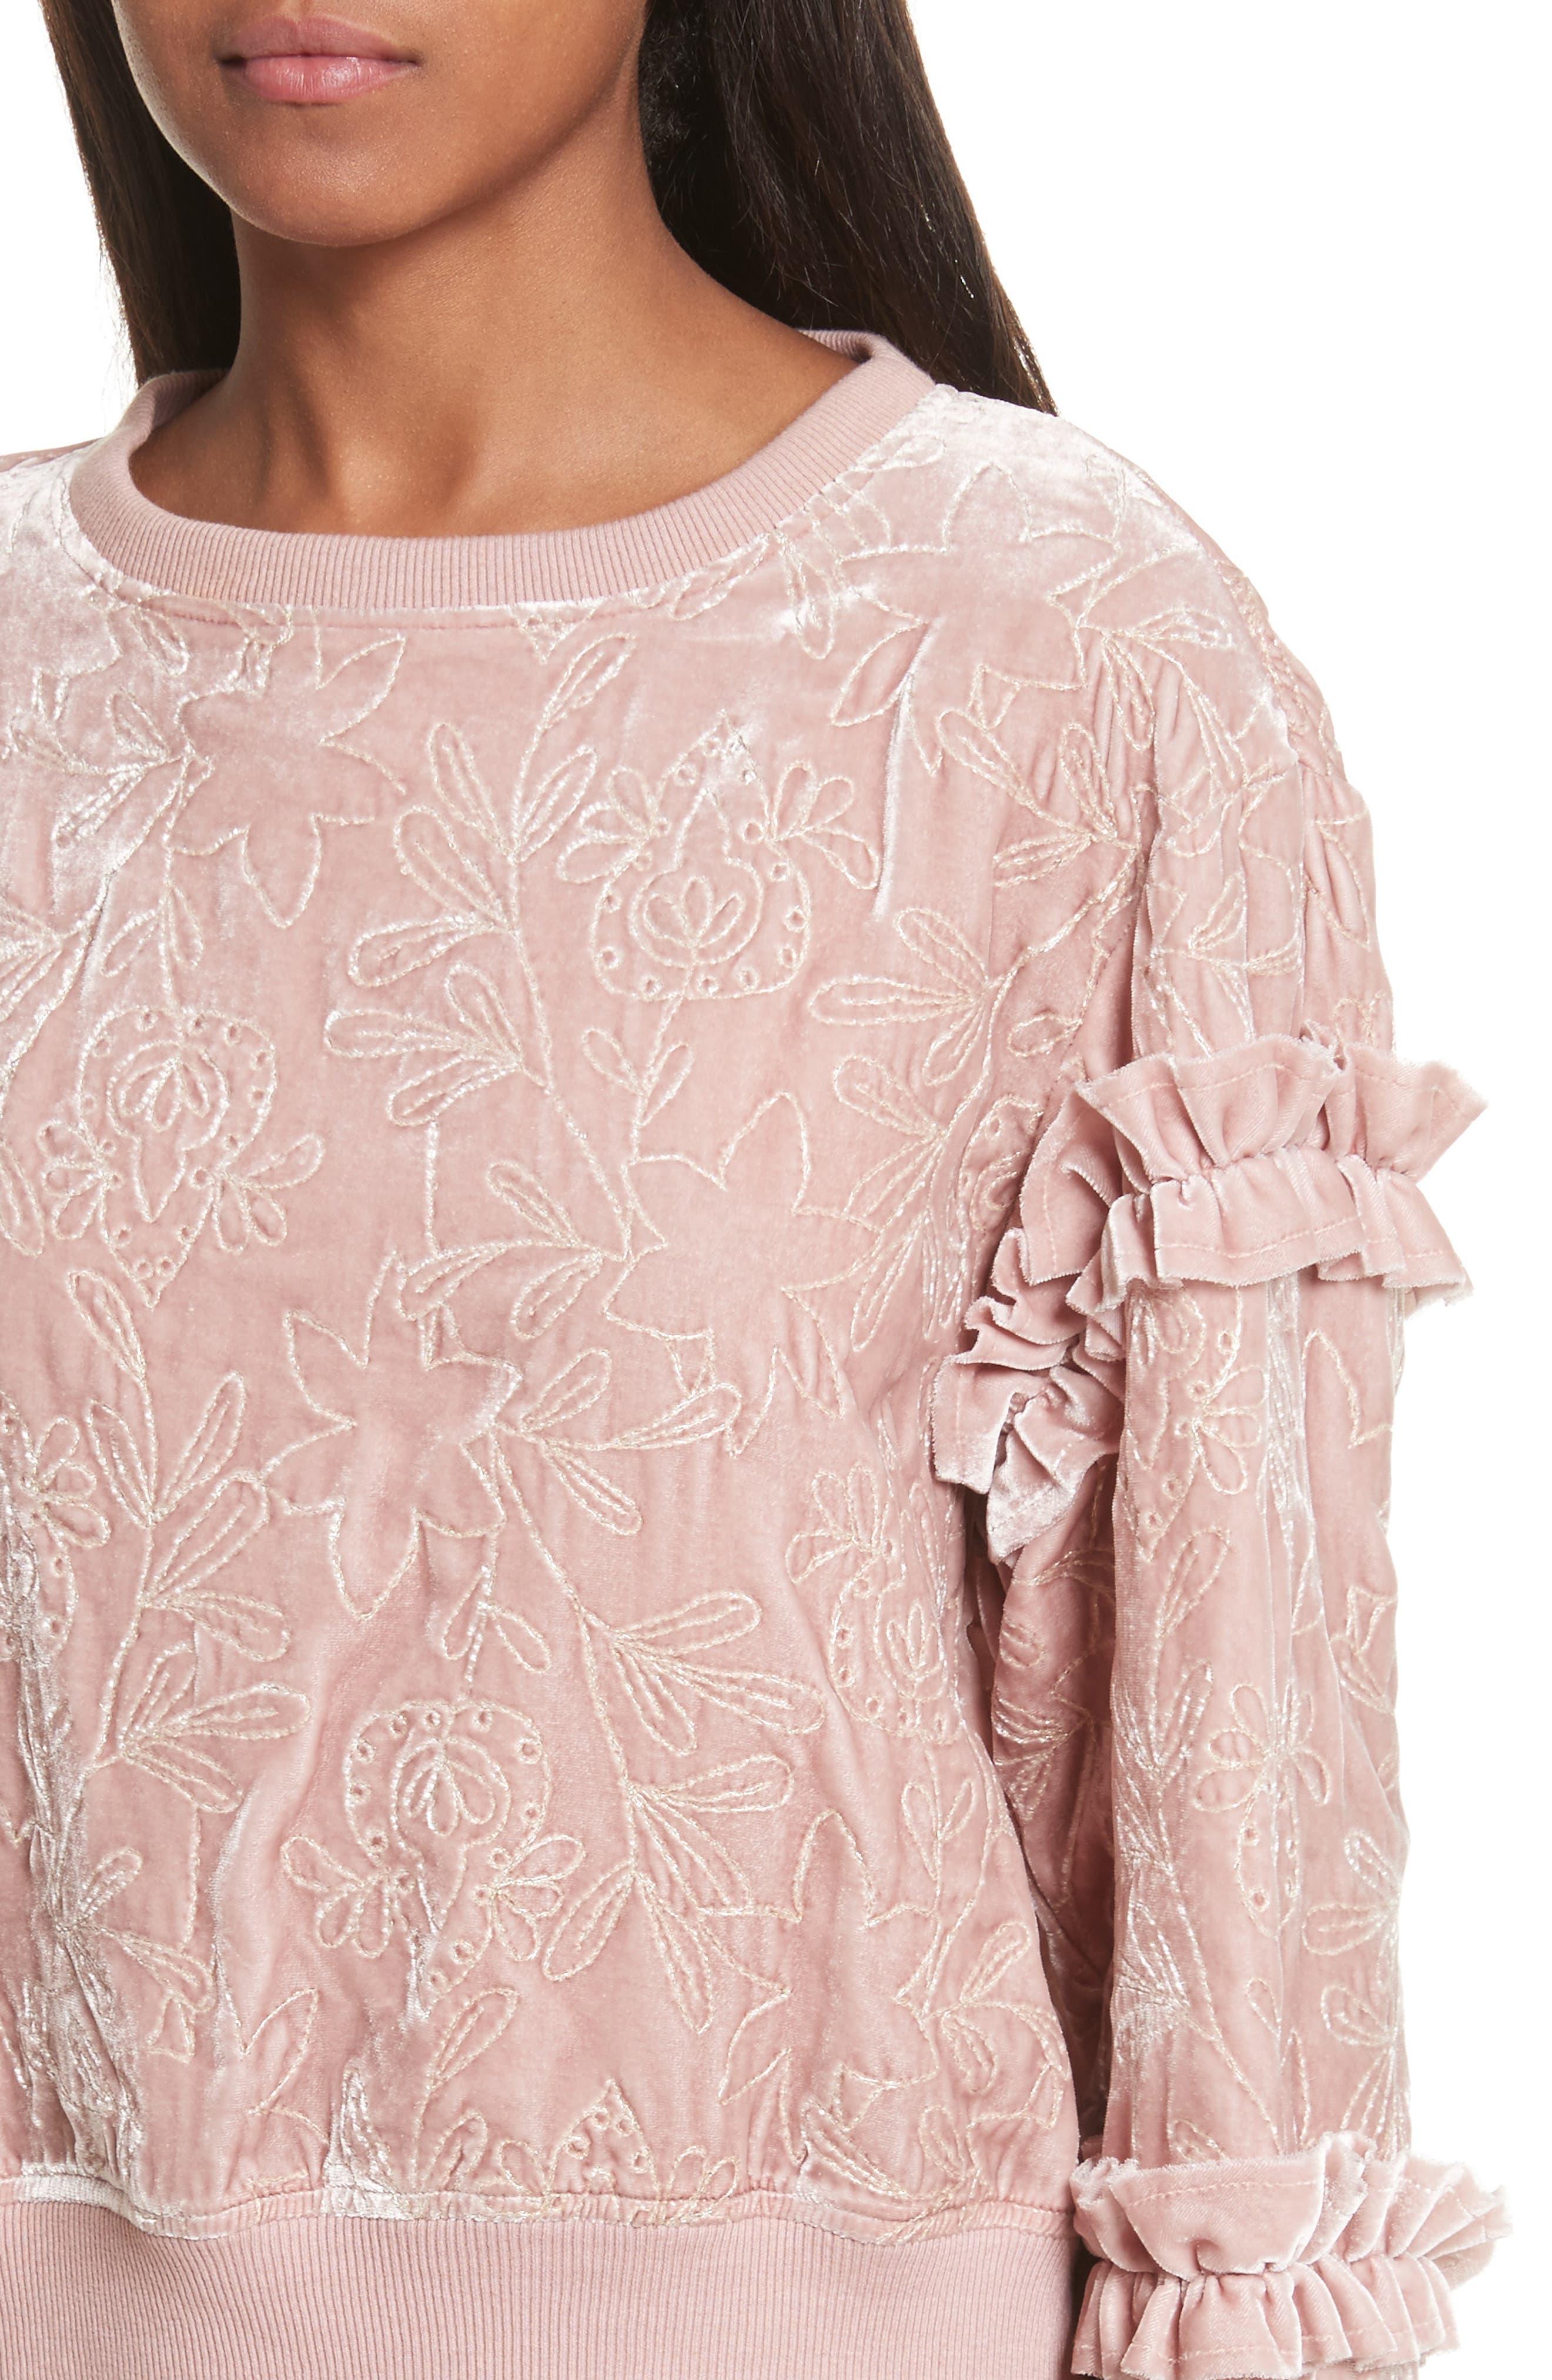 Nara Embroidered Velvet Sweatshirt,                             Alternate thumbnail 4, color,                             563